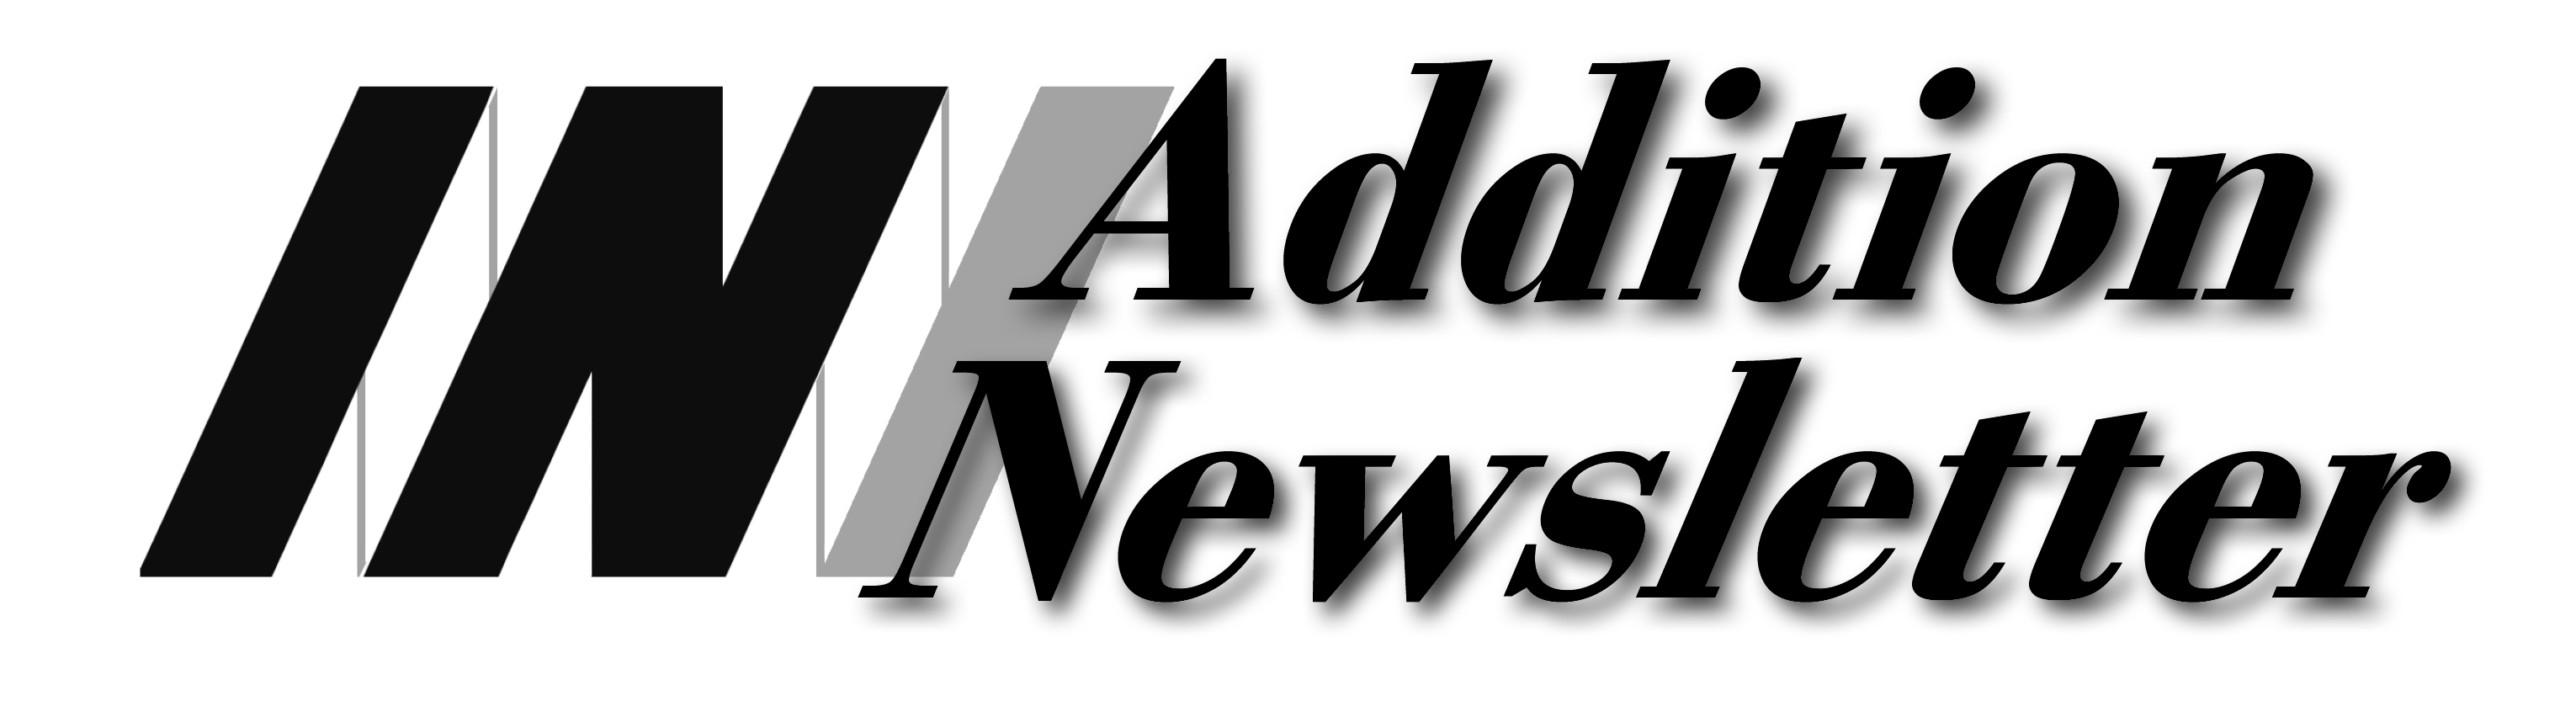 MNMW In Addition Newsletter